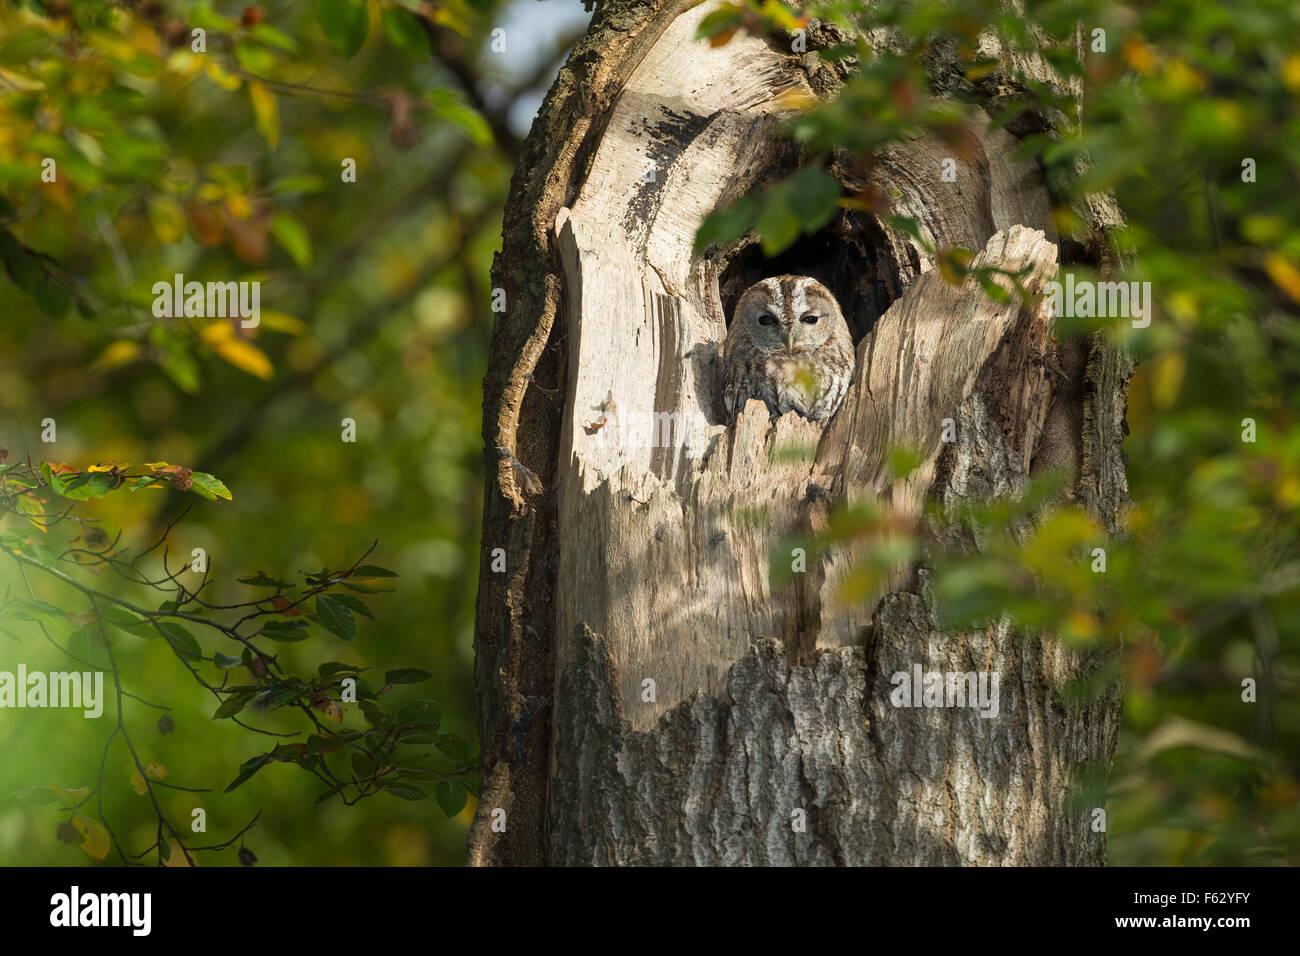 Cárabo, Waldkauz, ruht am Tage en einer Baumhöhle, Strix aluco, Wald-Kauz, Kauz, Käuzchen Imagen De Stock